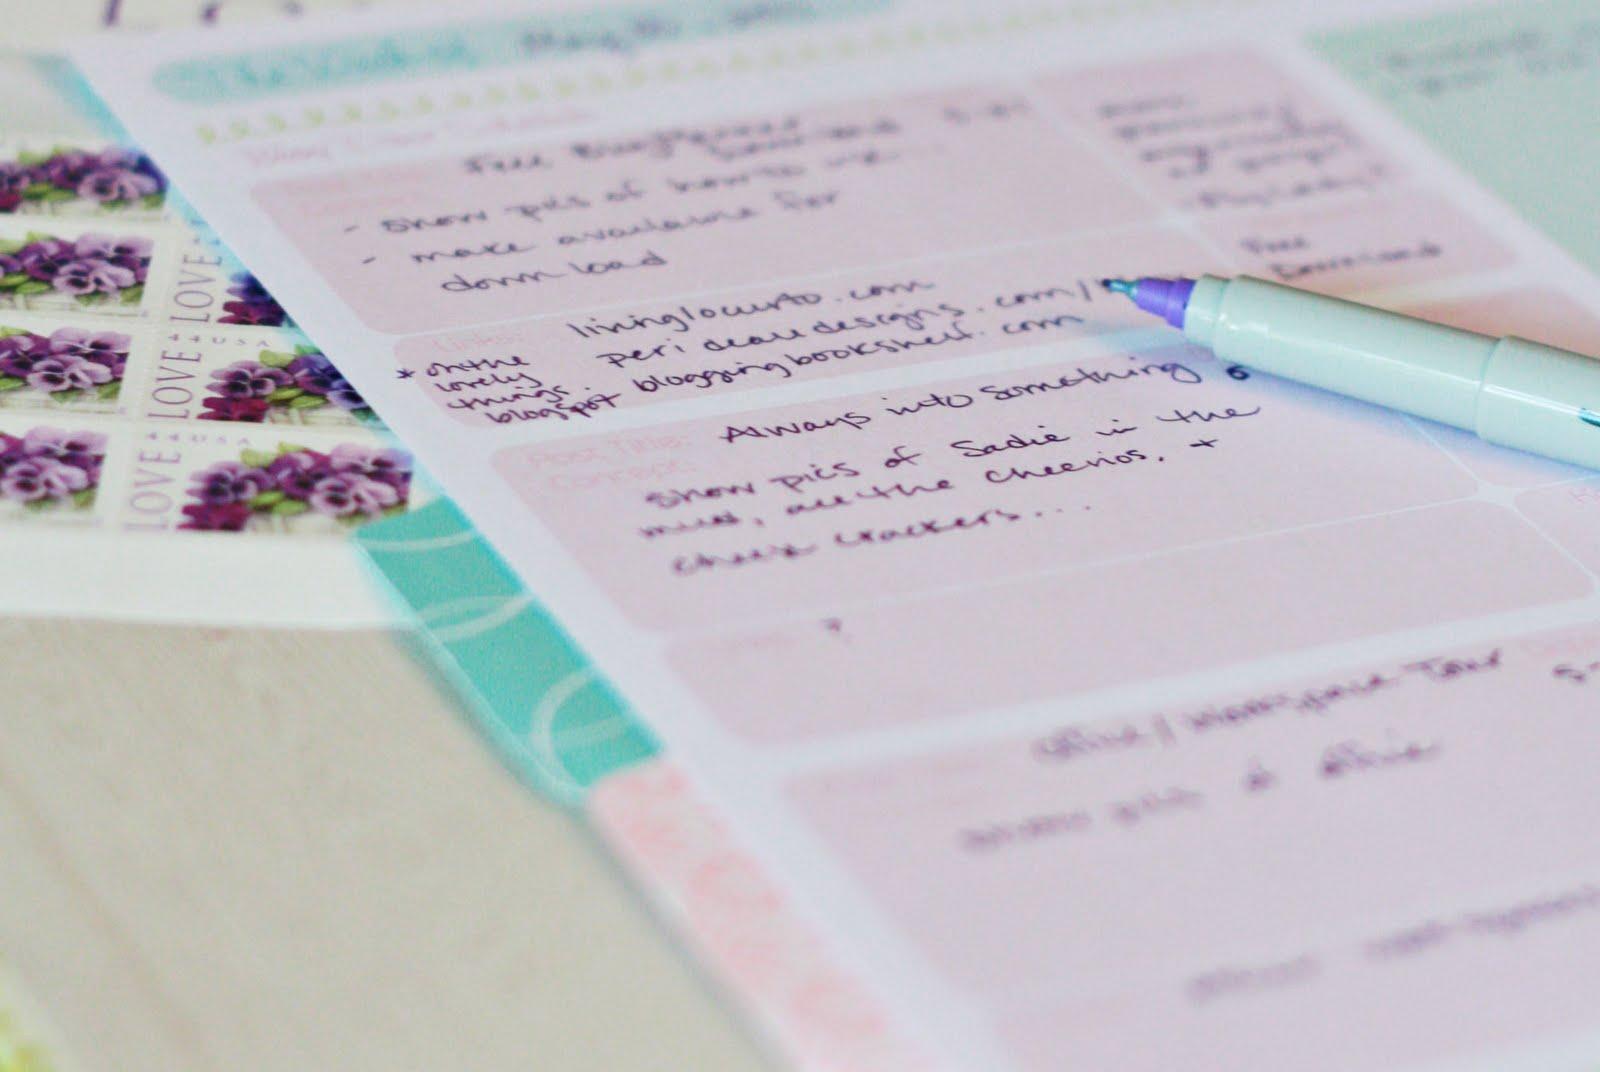 http://4.bp.blogspot.com/-sJqOPpUSs8w/TeVTy49vC_I/AAAAAAAACcc/Abh99eSgBt4/s1600/blog+planner1.jpg